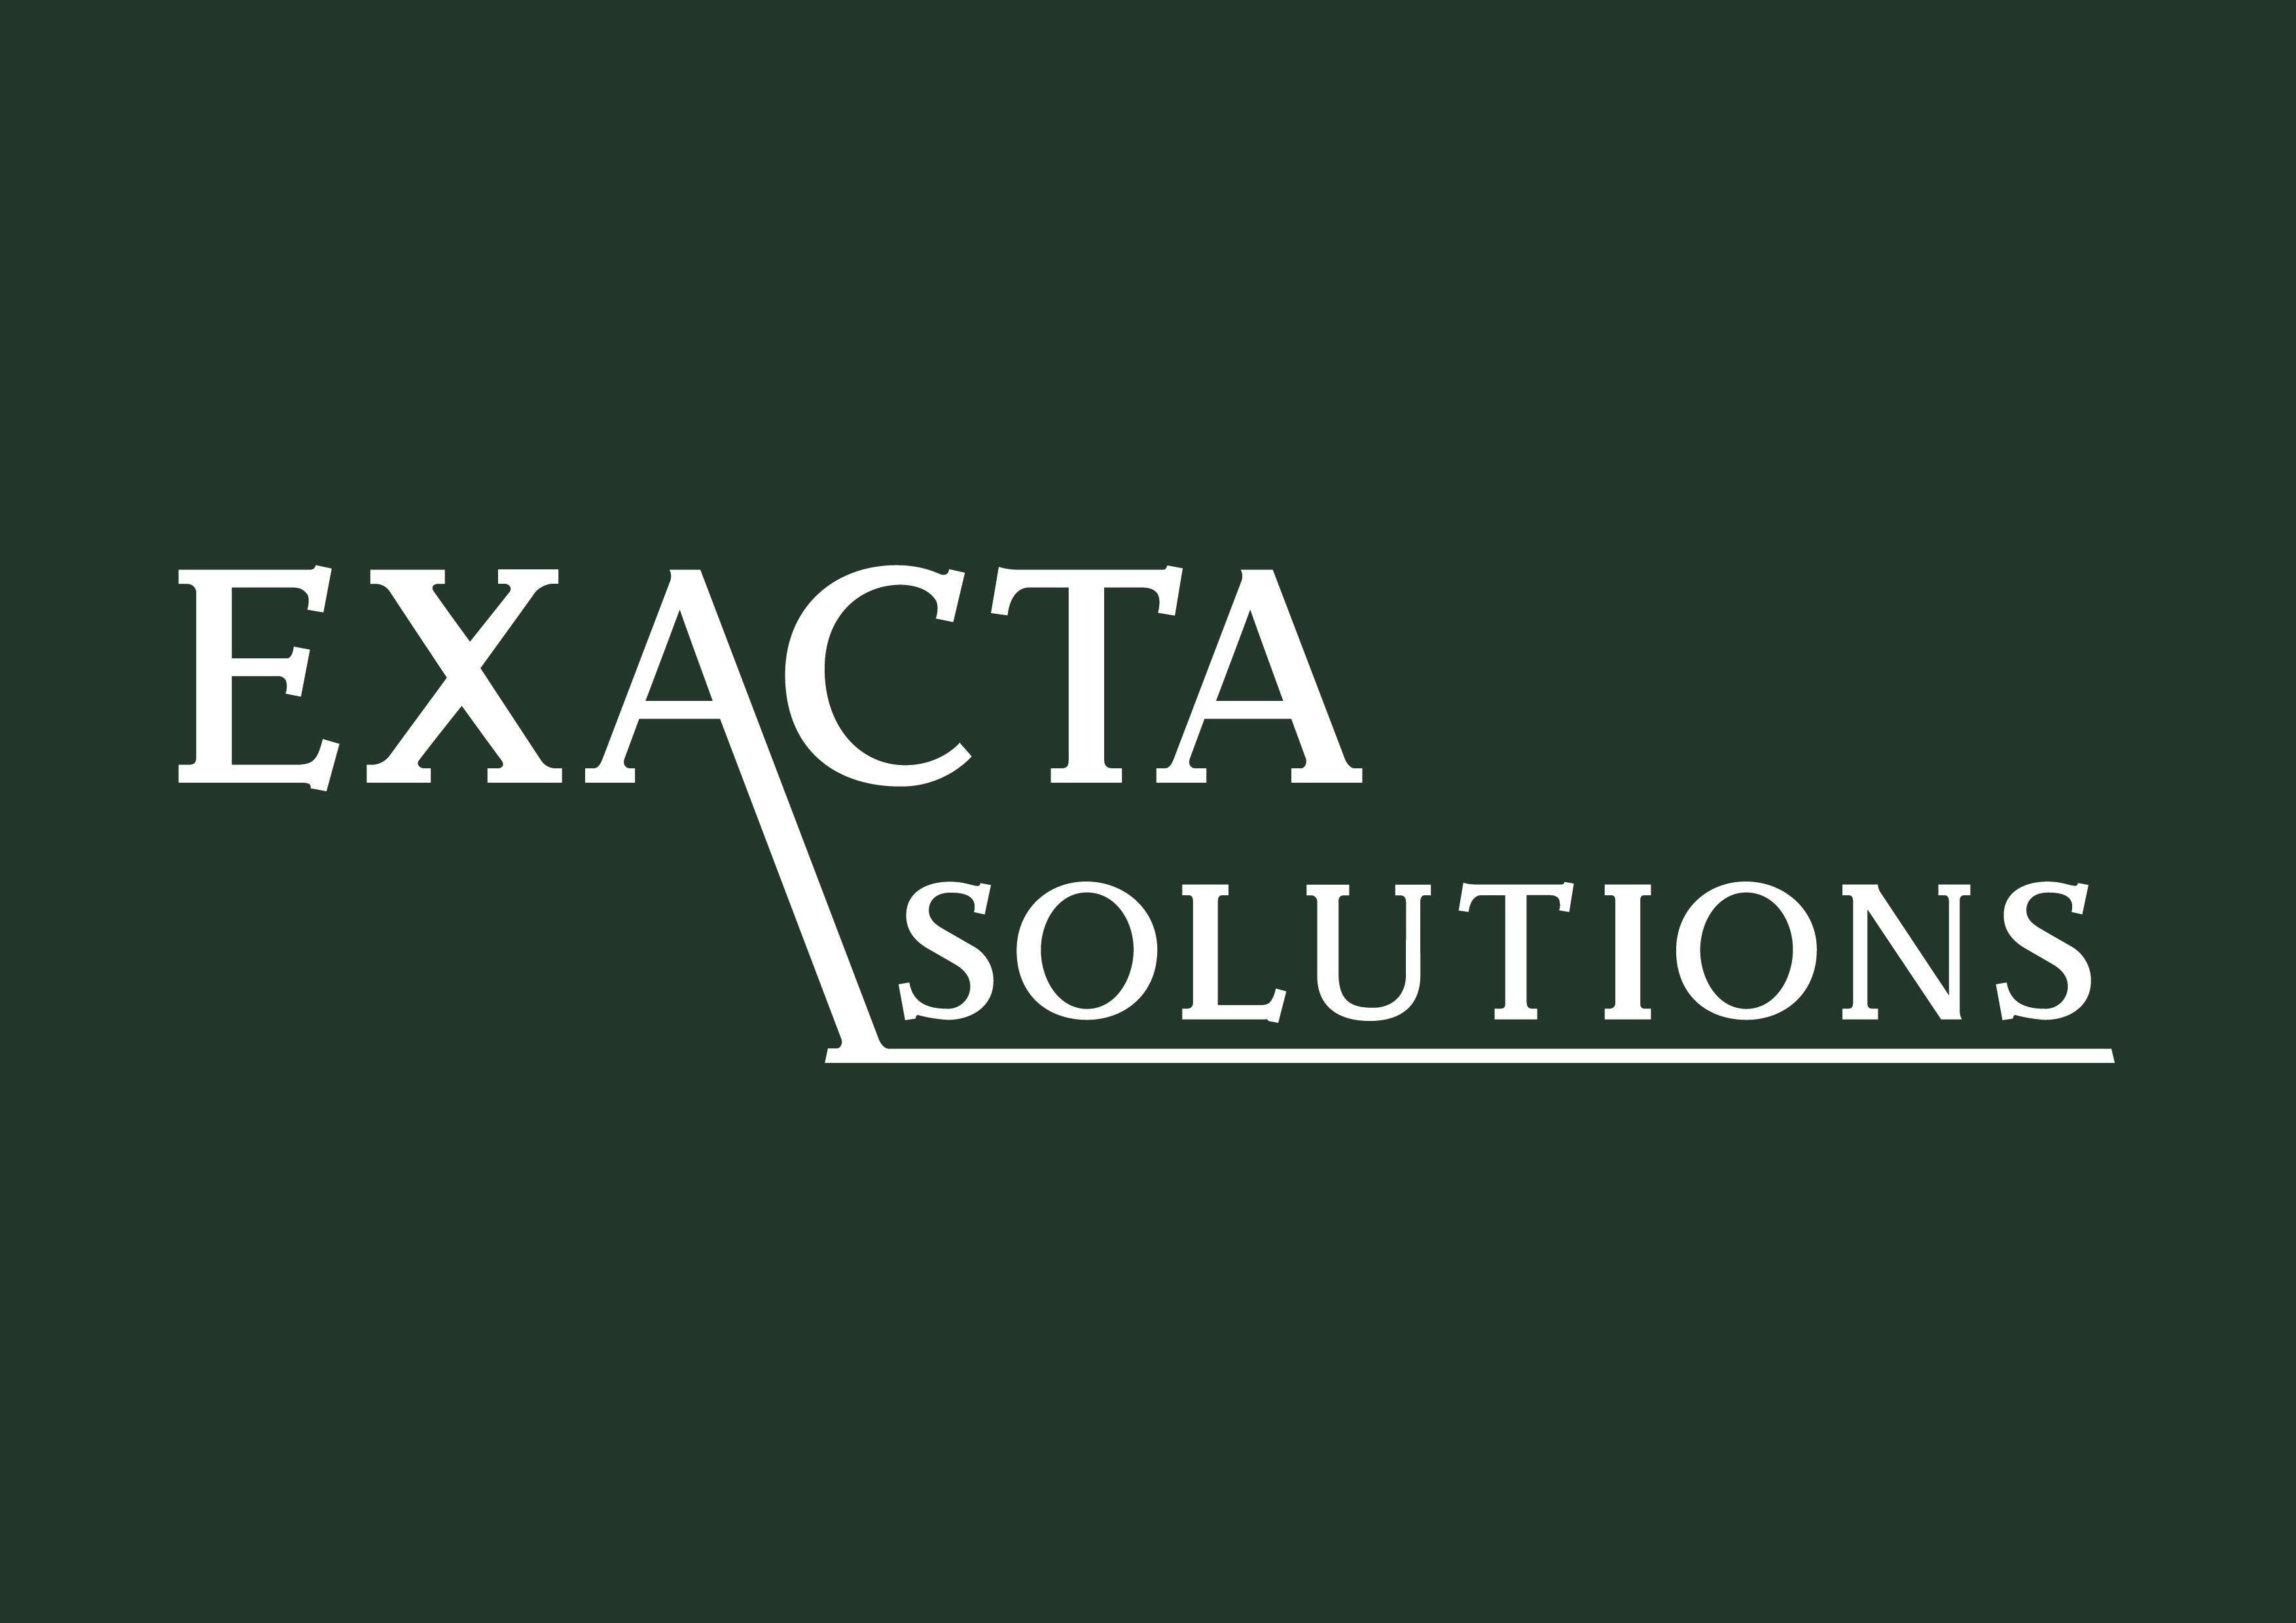 Exacta Solutions